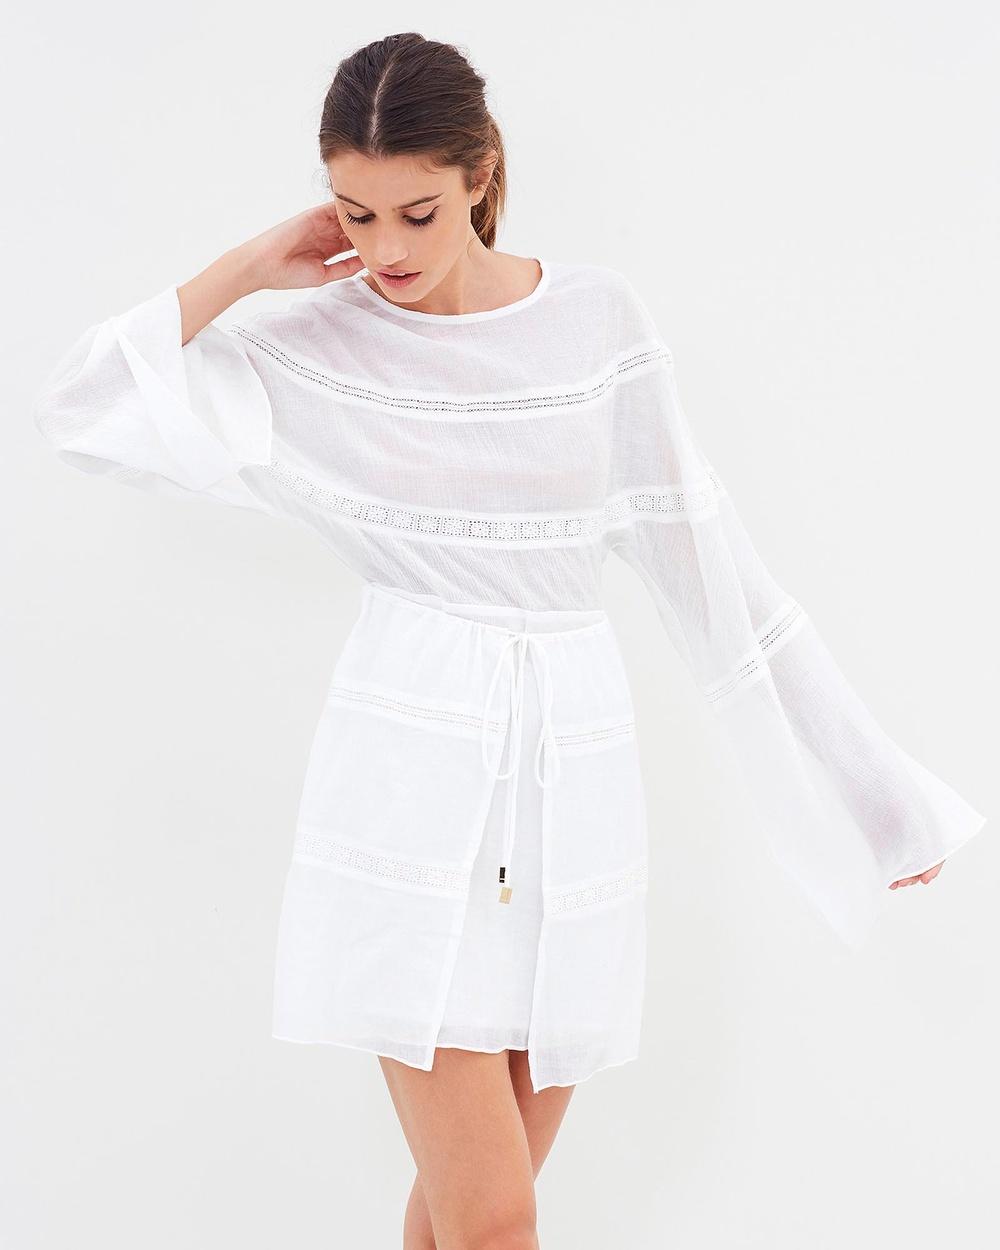 Winona White Santorini Dress